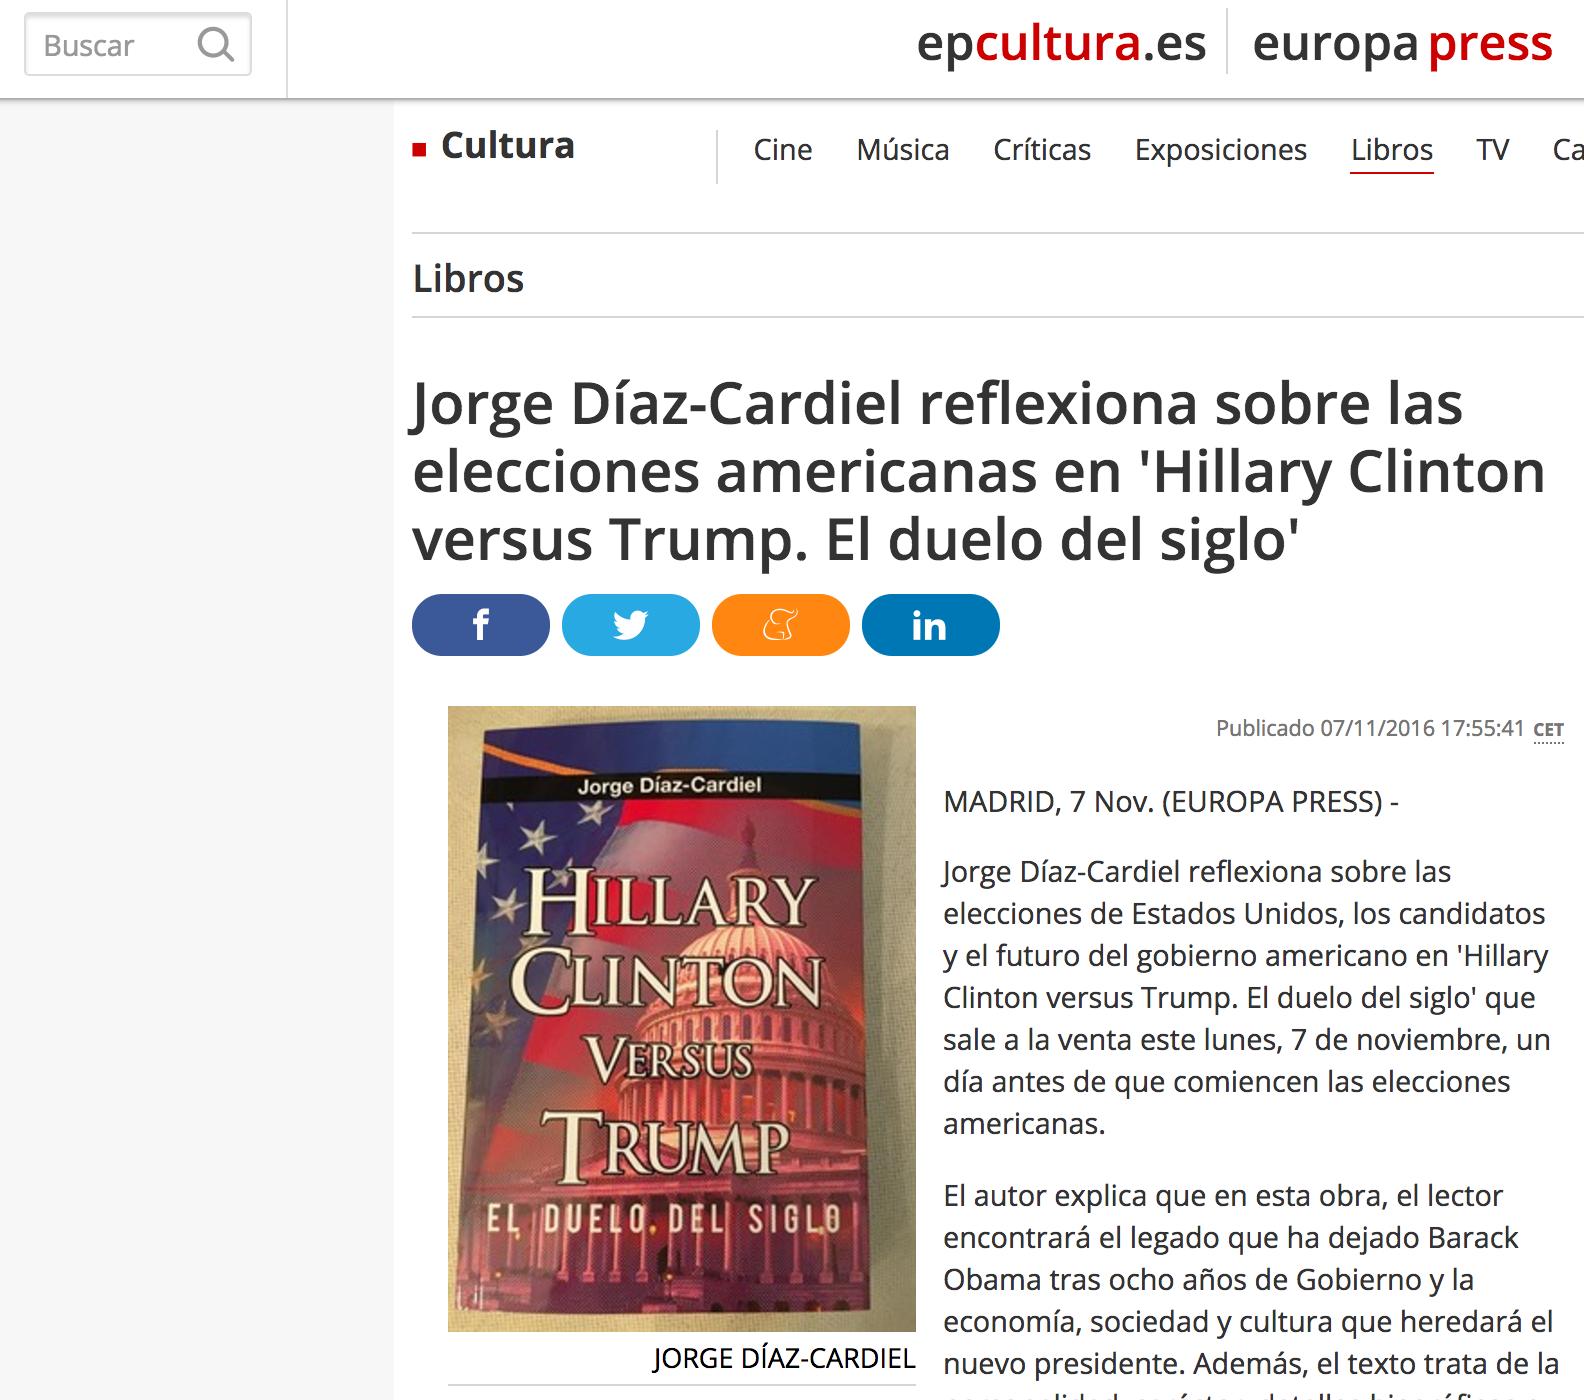 Noticia sobre el nuevo libro de Jorge Díaz-Cardiel en Europa Press